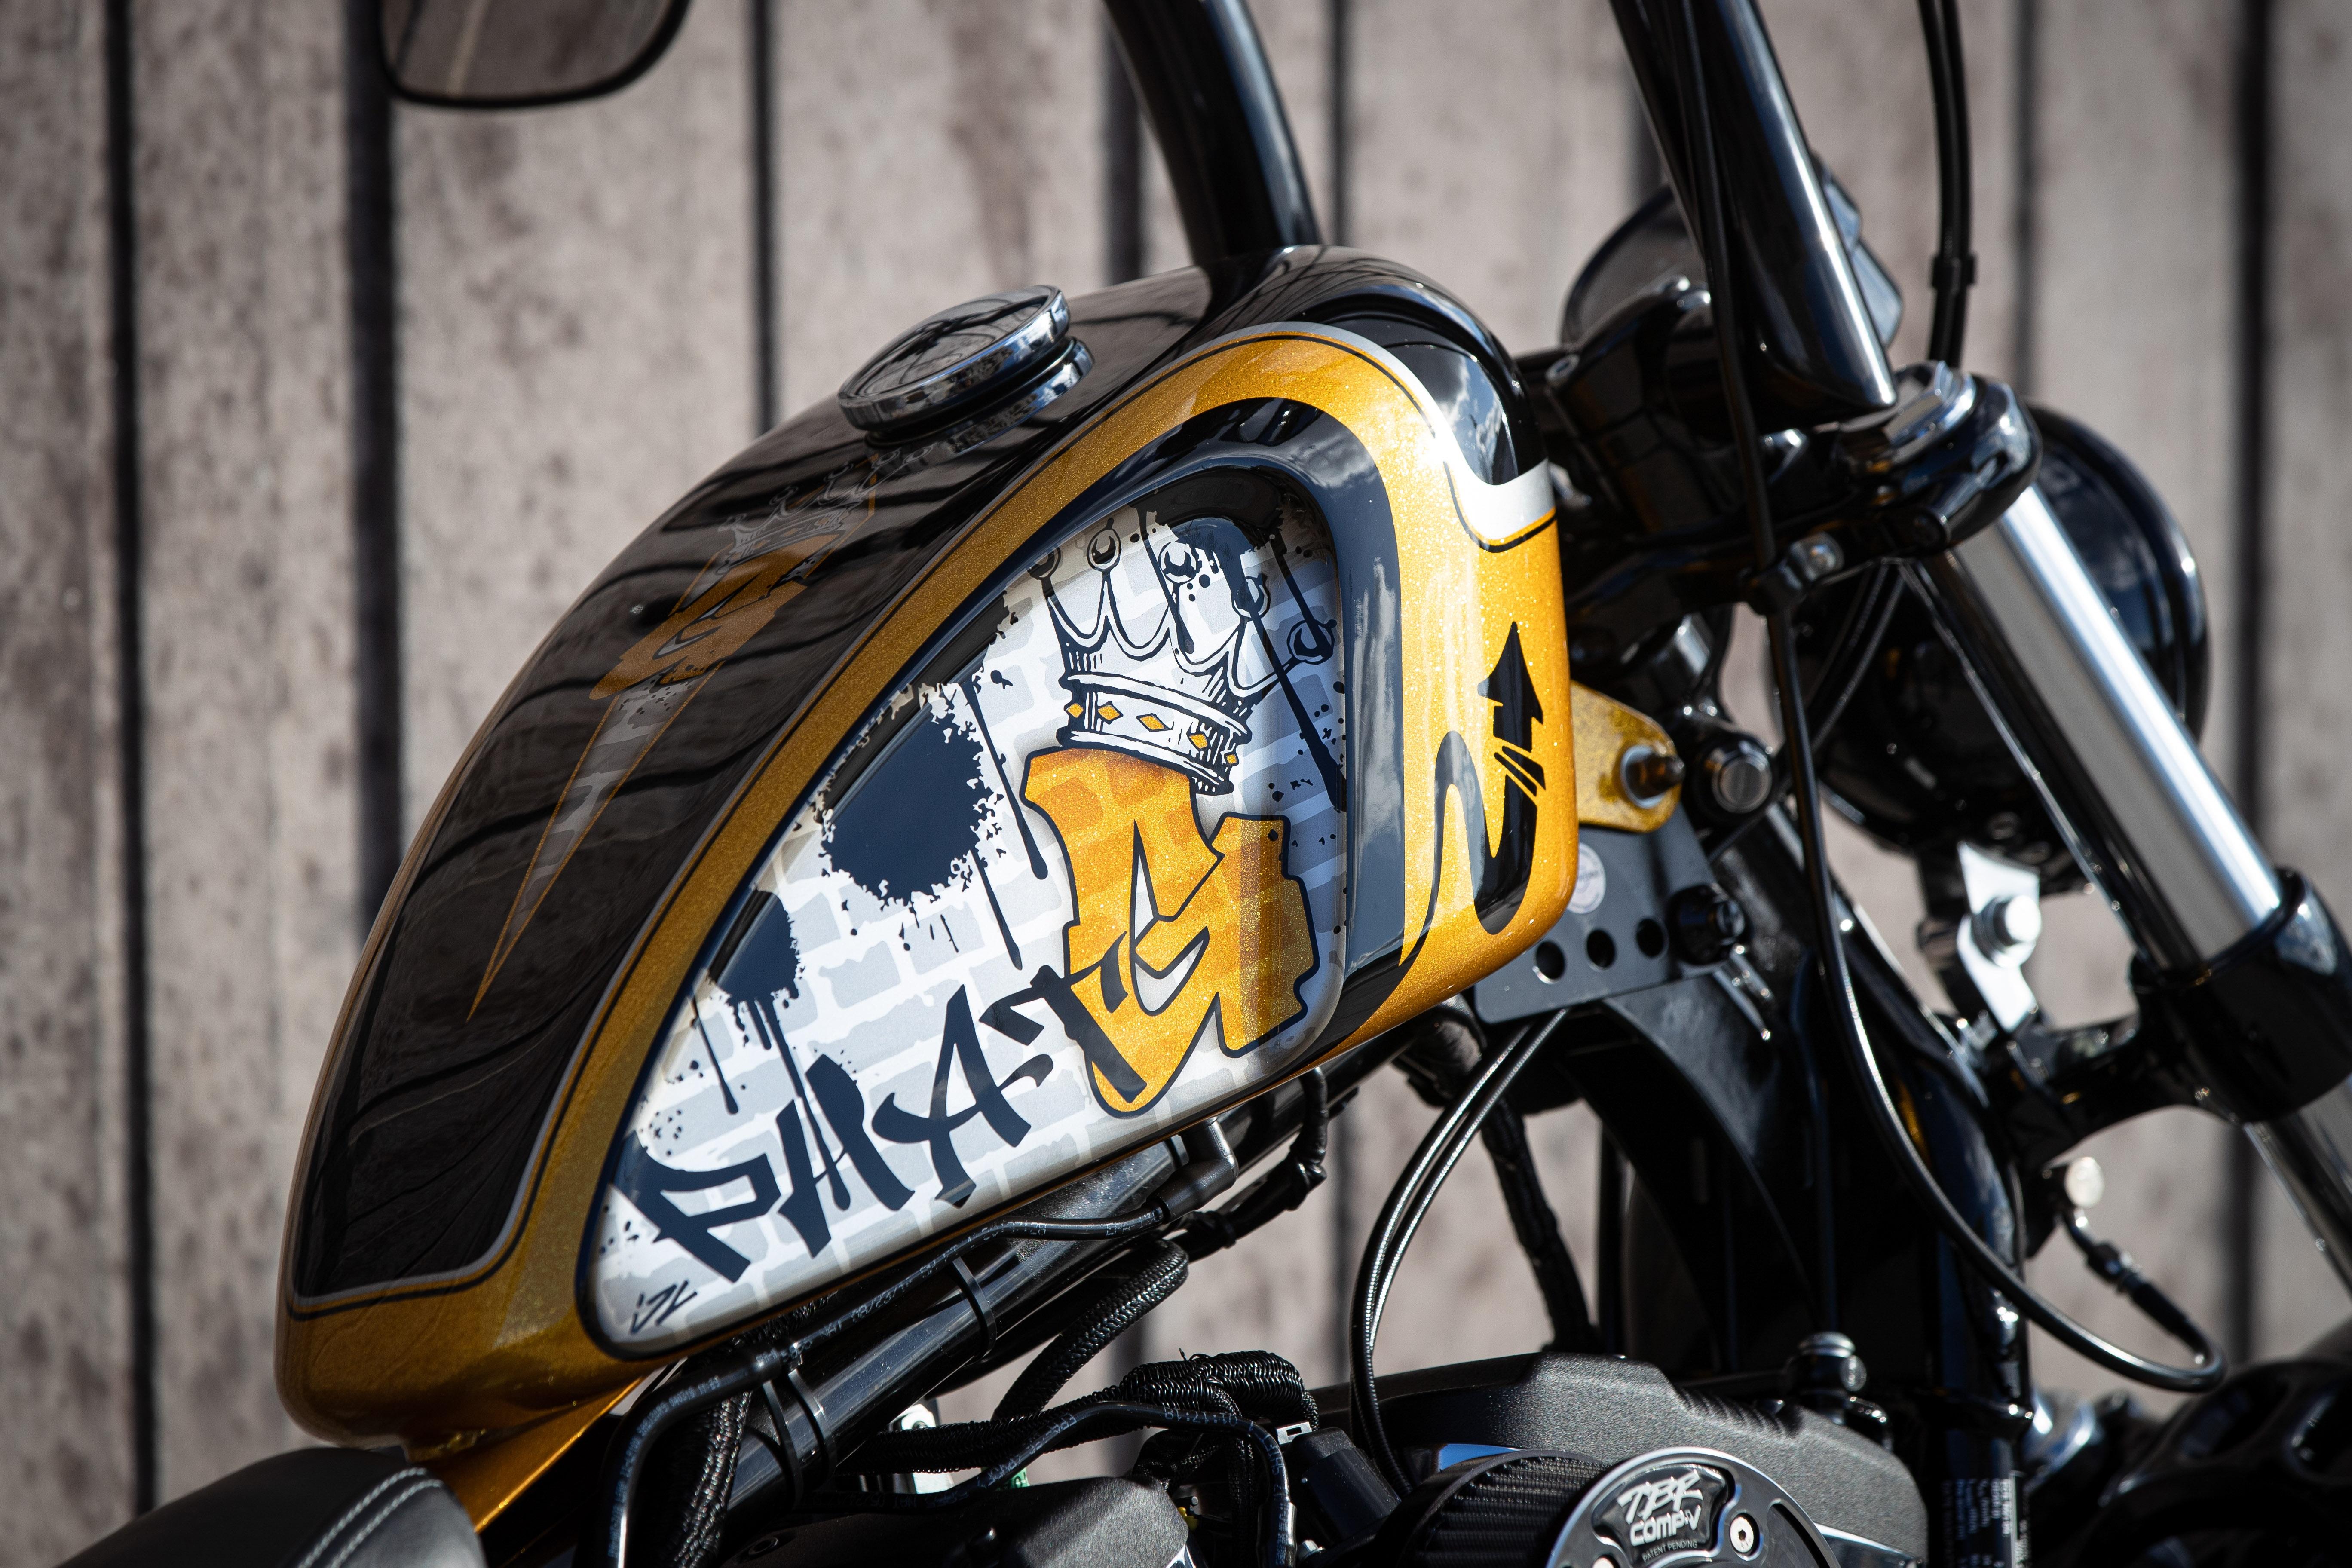 Ngam dan xe Harley-Davidson Sportster lot xac voi ban do Sykes hinh anh 33 2020_Harley_Davidson_Sportster_Custom_5269.jpg